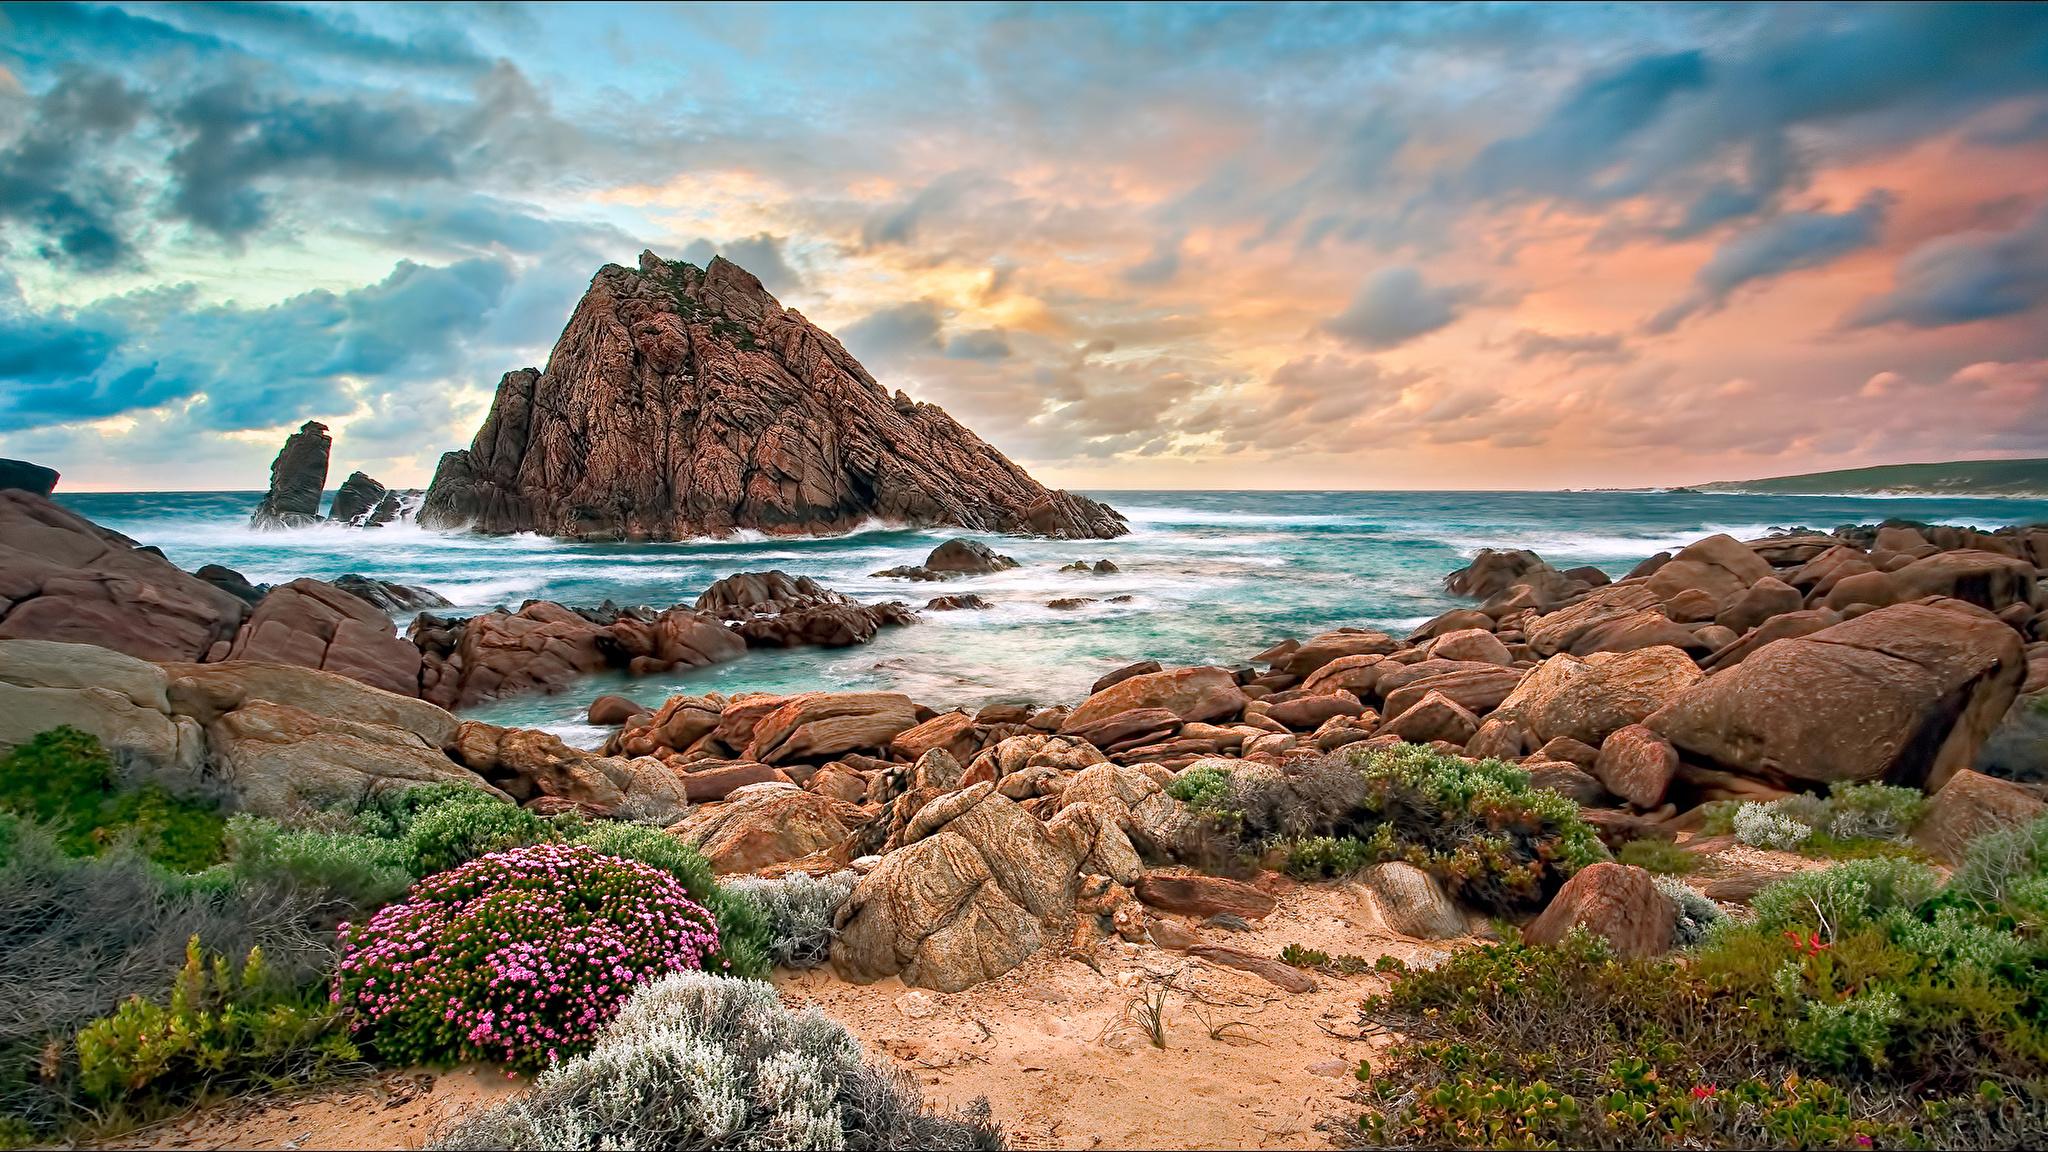 Море побережье природа Мыс Соландер  № 3111661 бесплатно